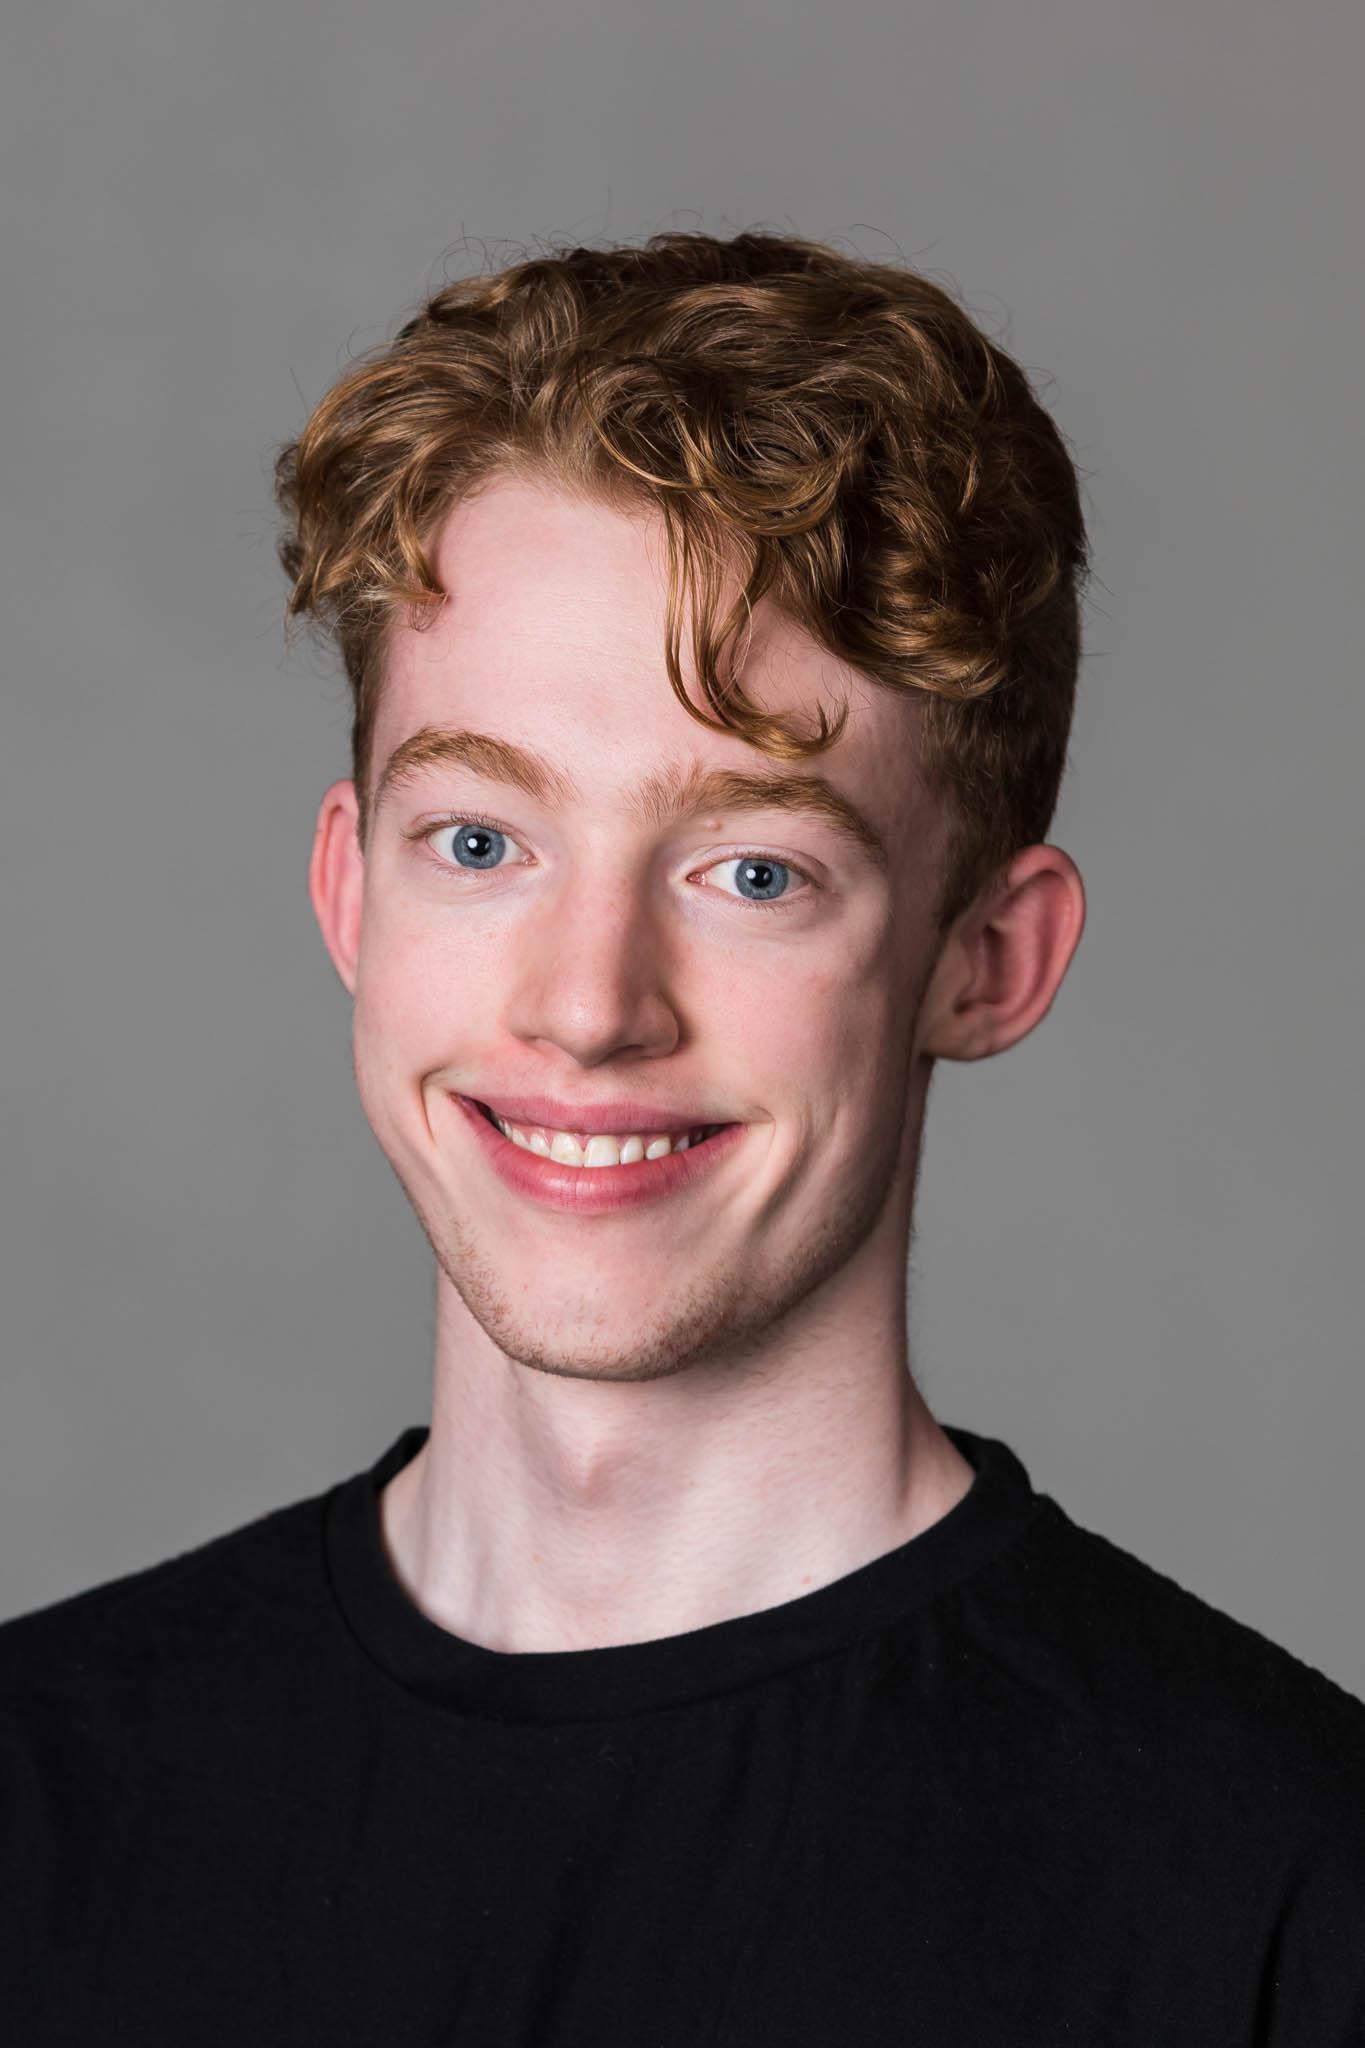 Jamie Gray